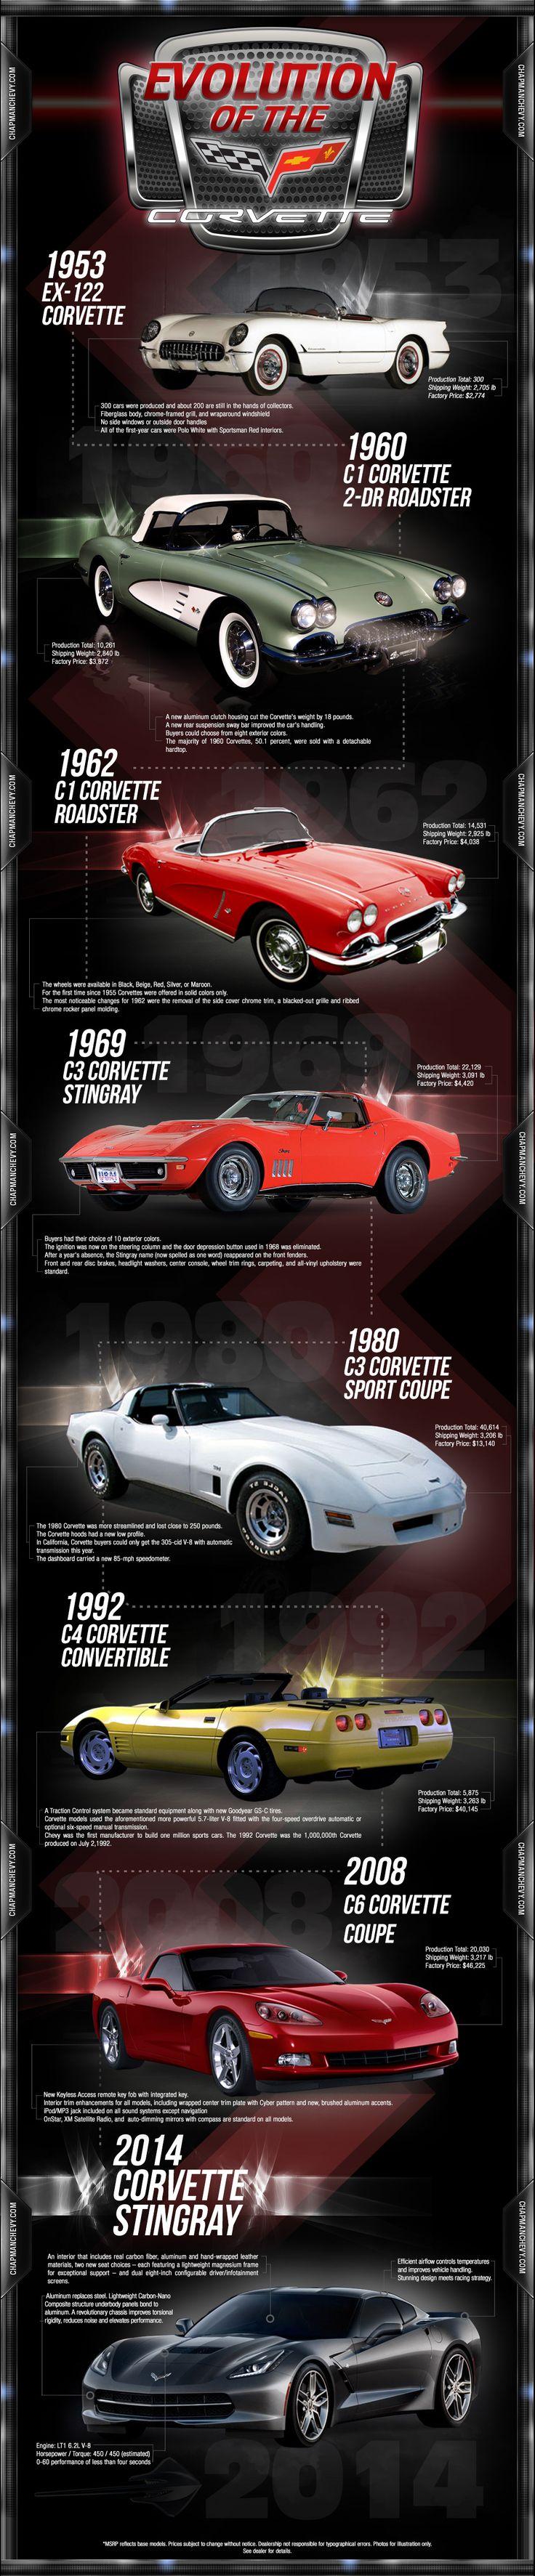 Evolution of the Corvette                                                                                                                                                      Mais